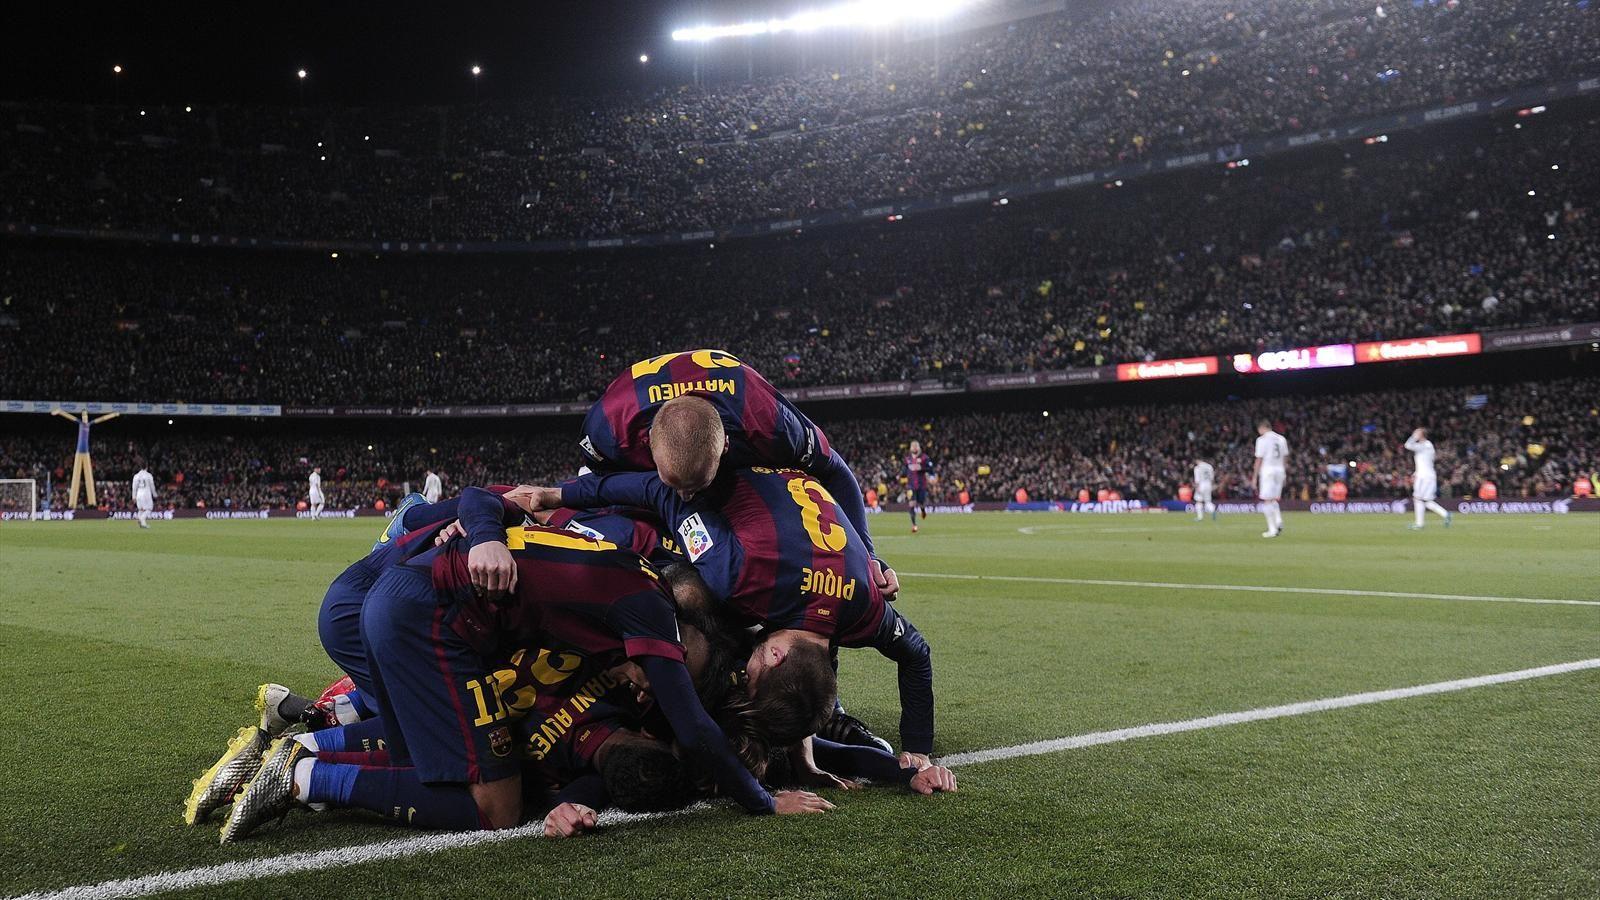 Spécial Messi et FCBarcelone (Part 2) - Page 10 1441609-30829090-1600-900